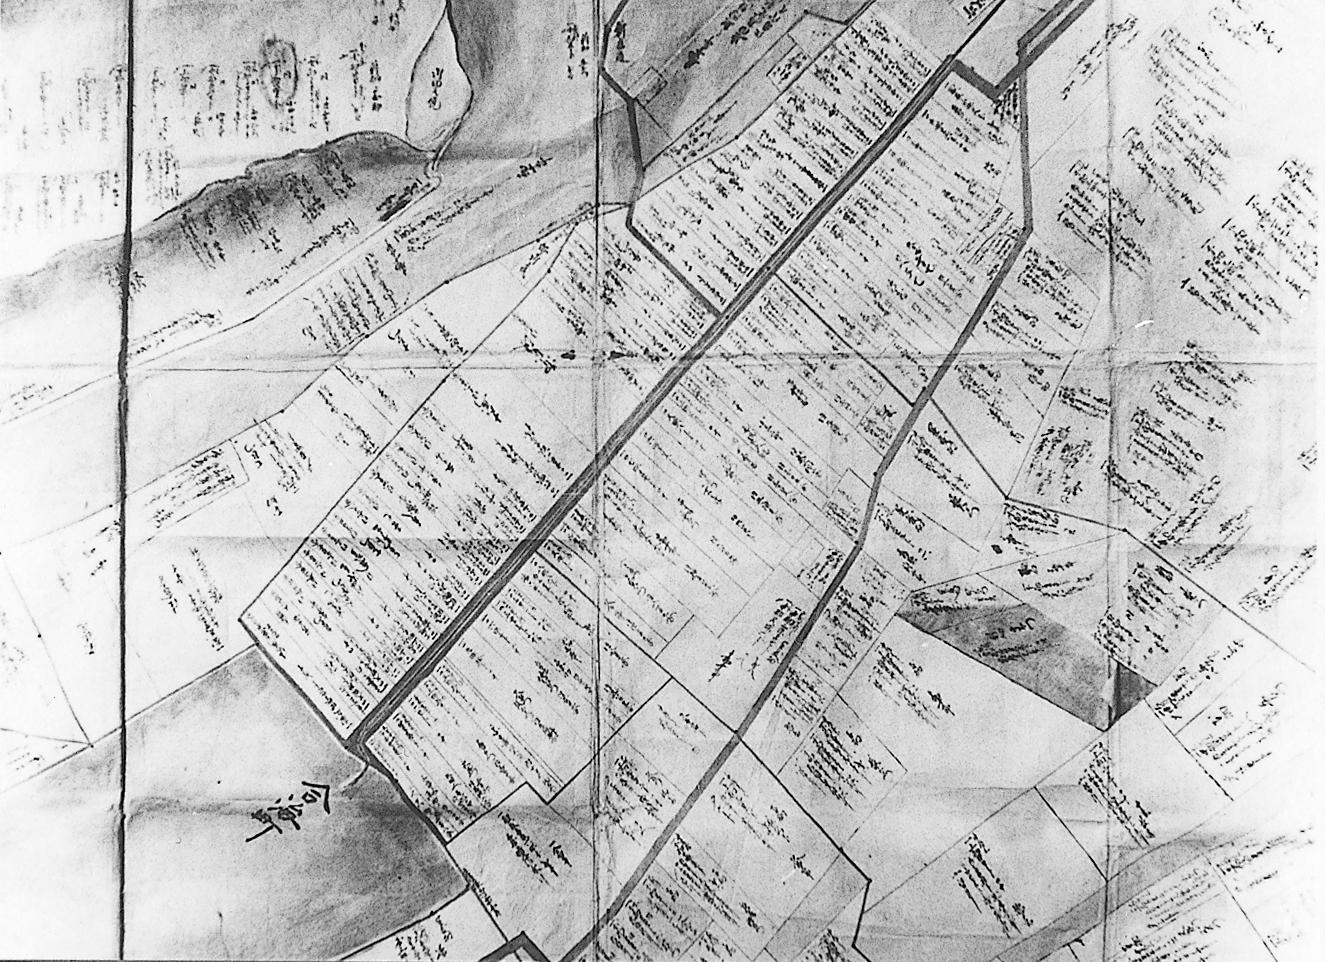 清水村絵図